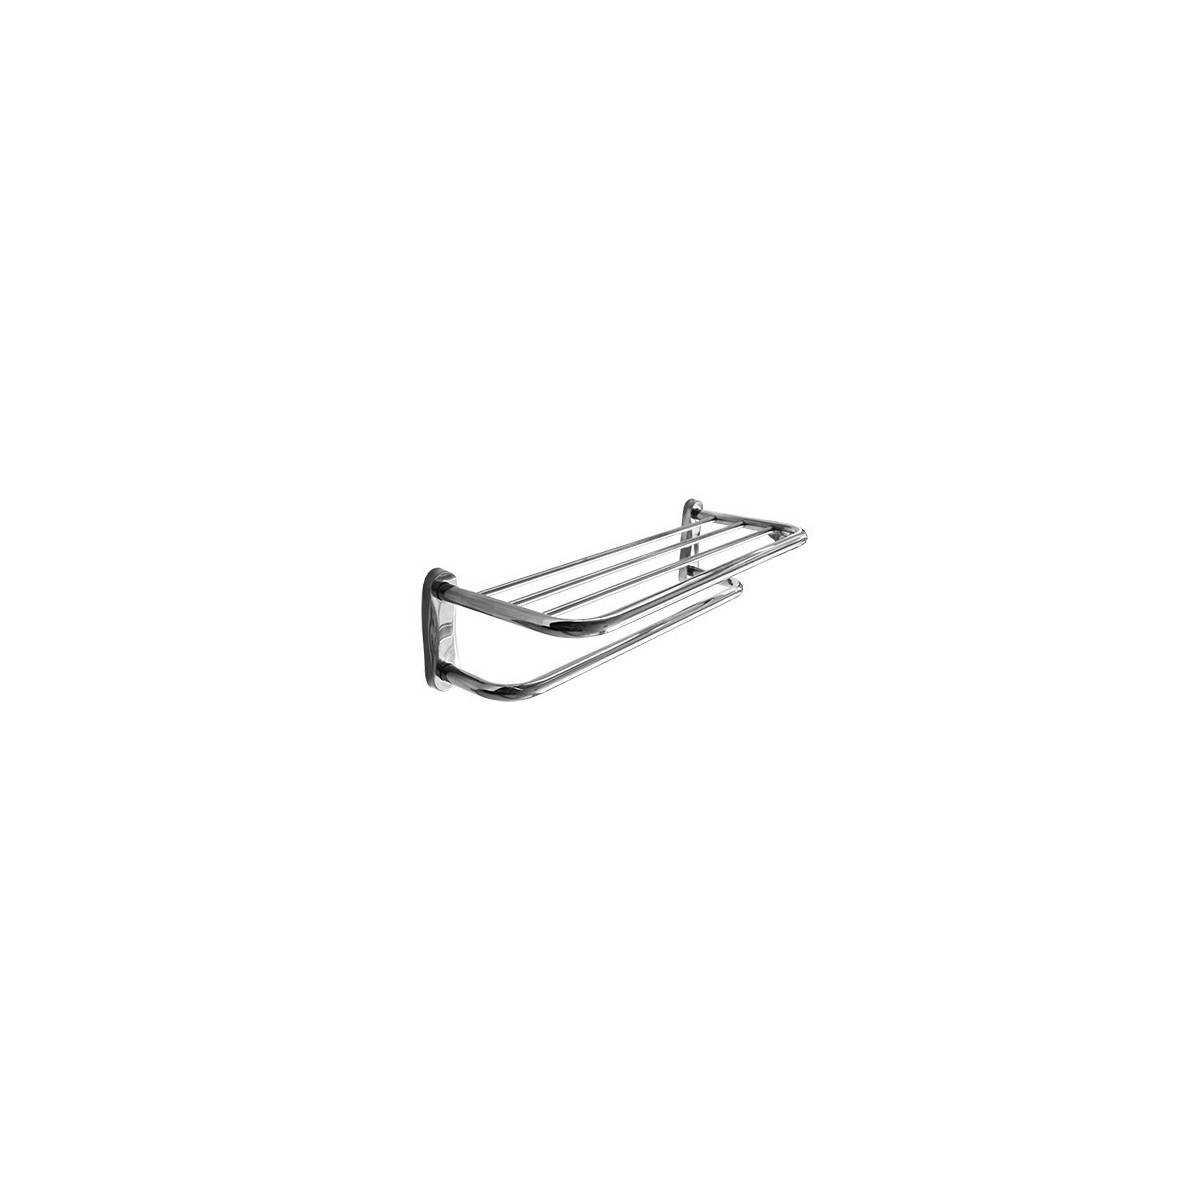 Полка-держатель полотенец металлическая (A4101) A4101 Gatto